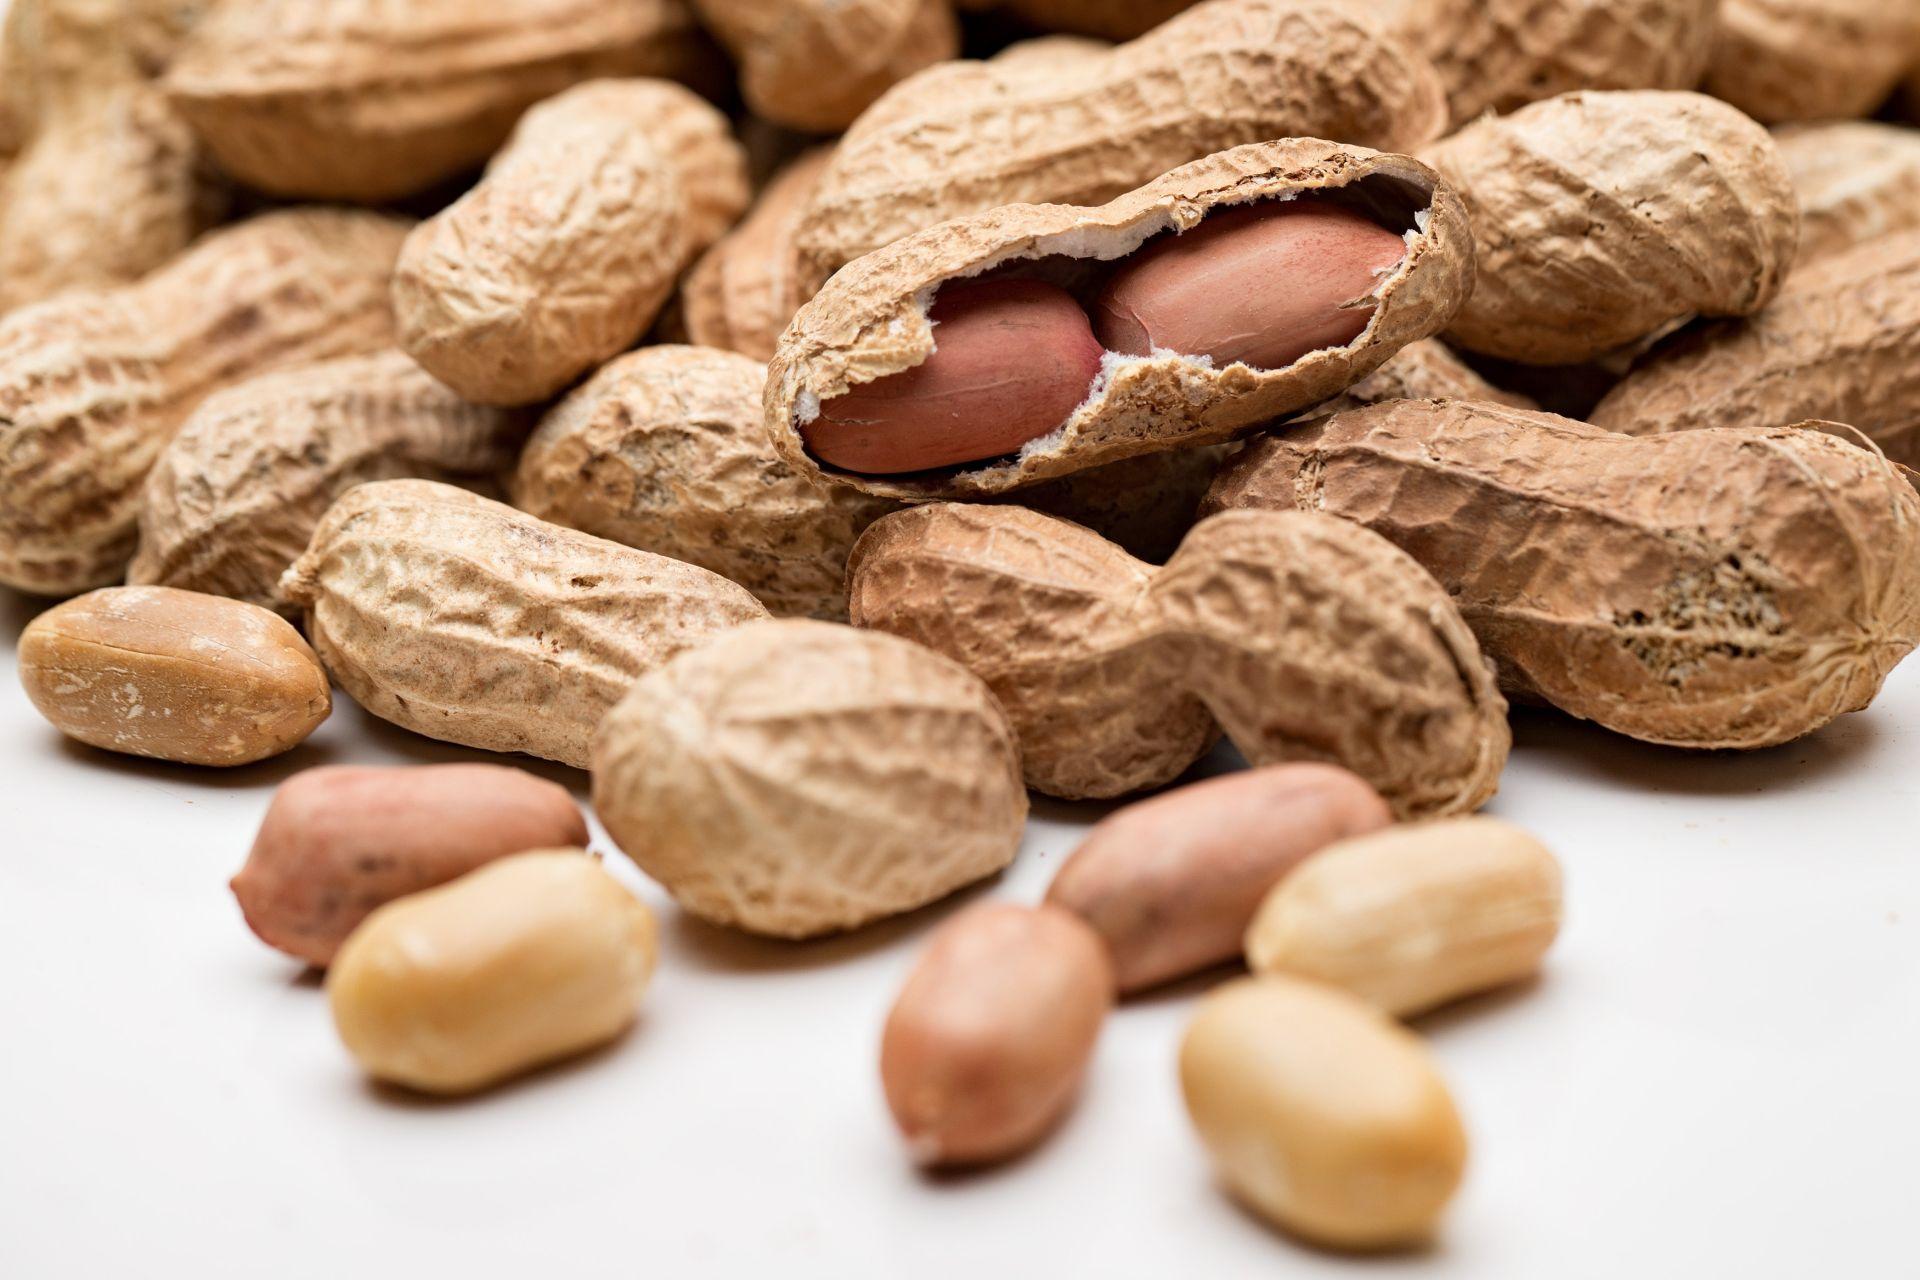 MINISTARSTVO: Povlači se kikiriki u ljusci u rinfuzi zbog mikotoksina